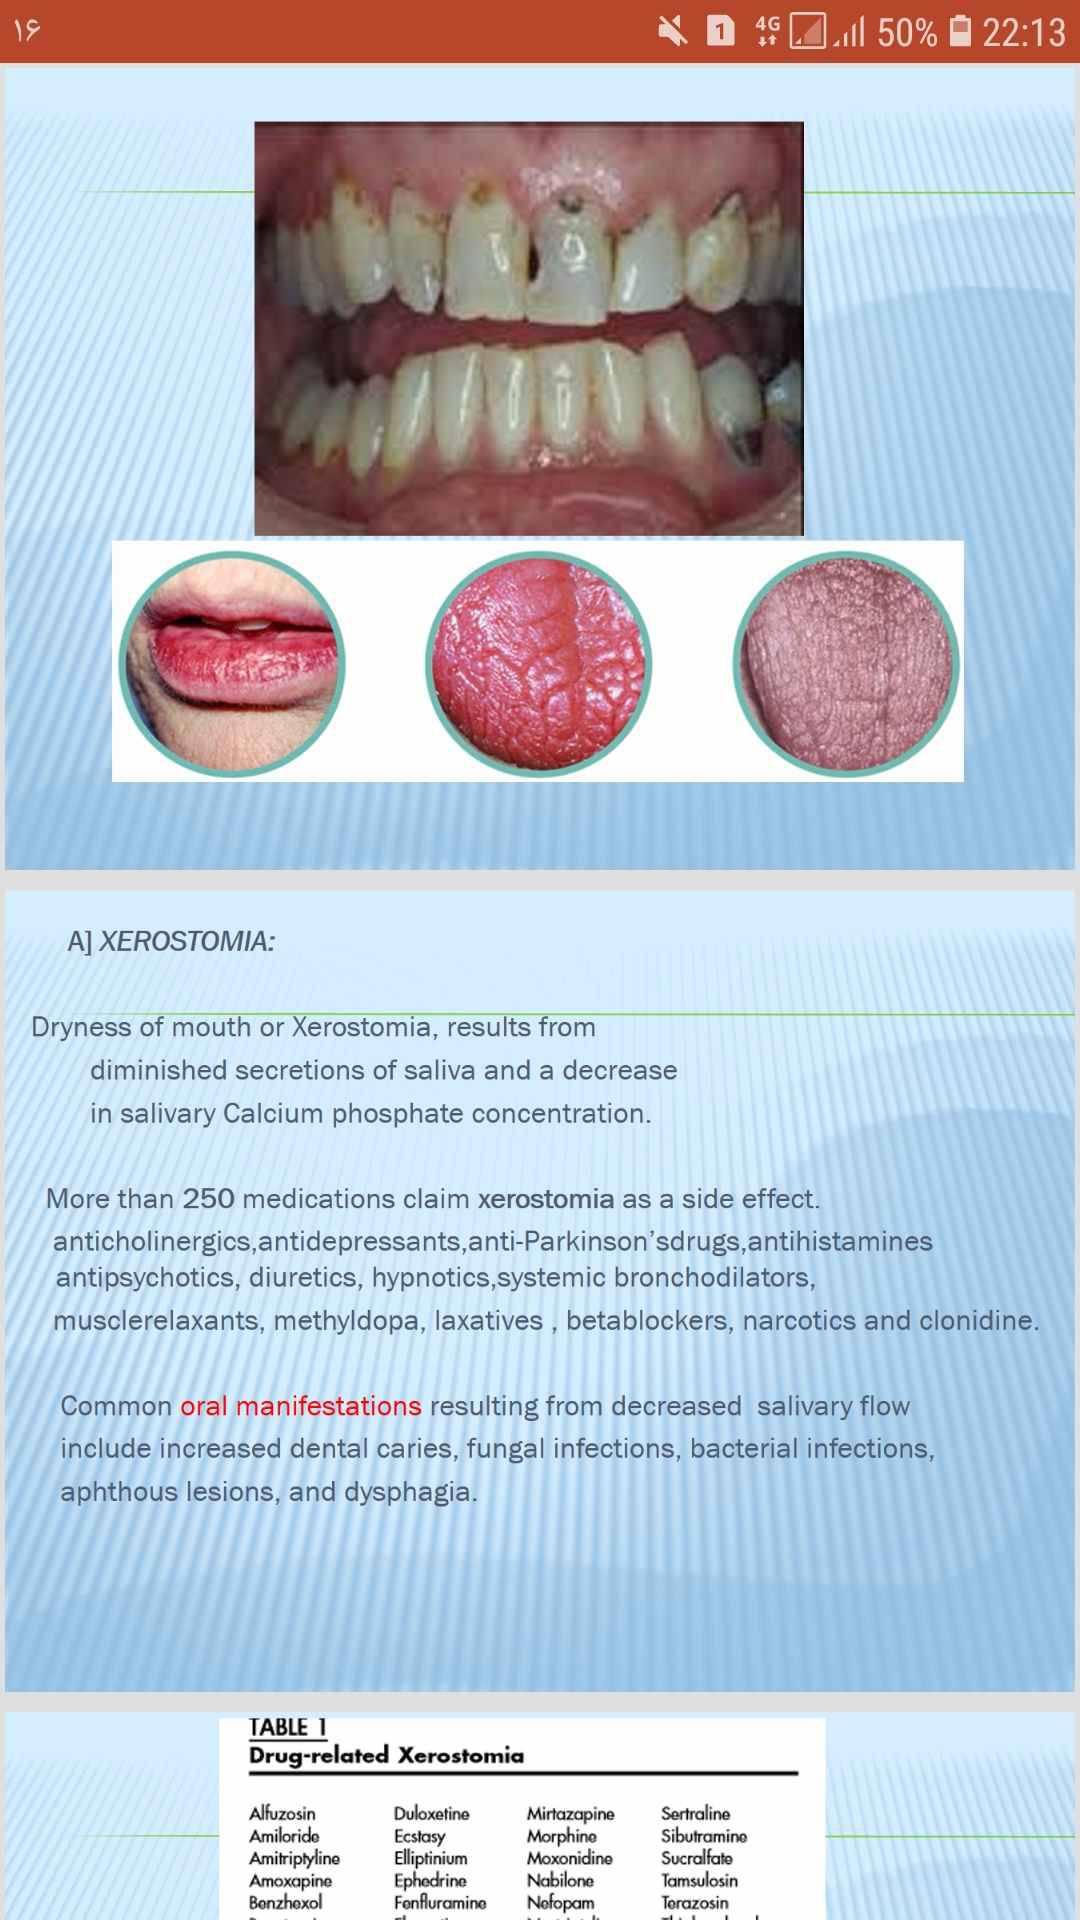 پاورپوینت انگلیسی دندانپزشکی اثرات داروها محوطه دهانی